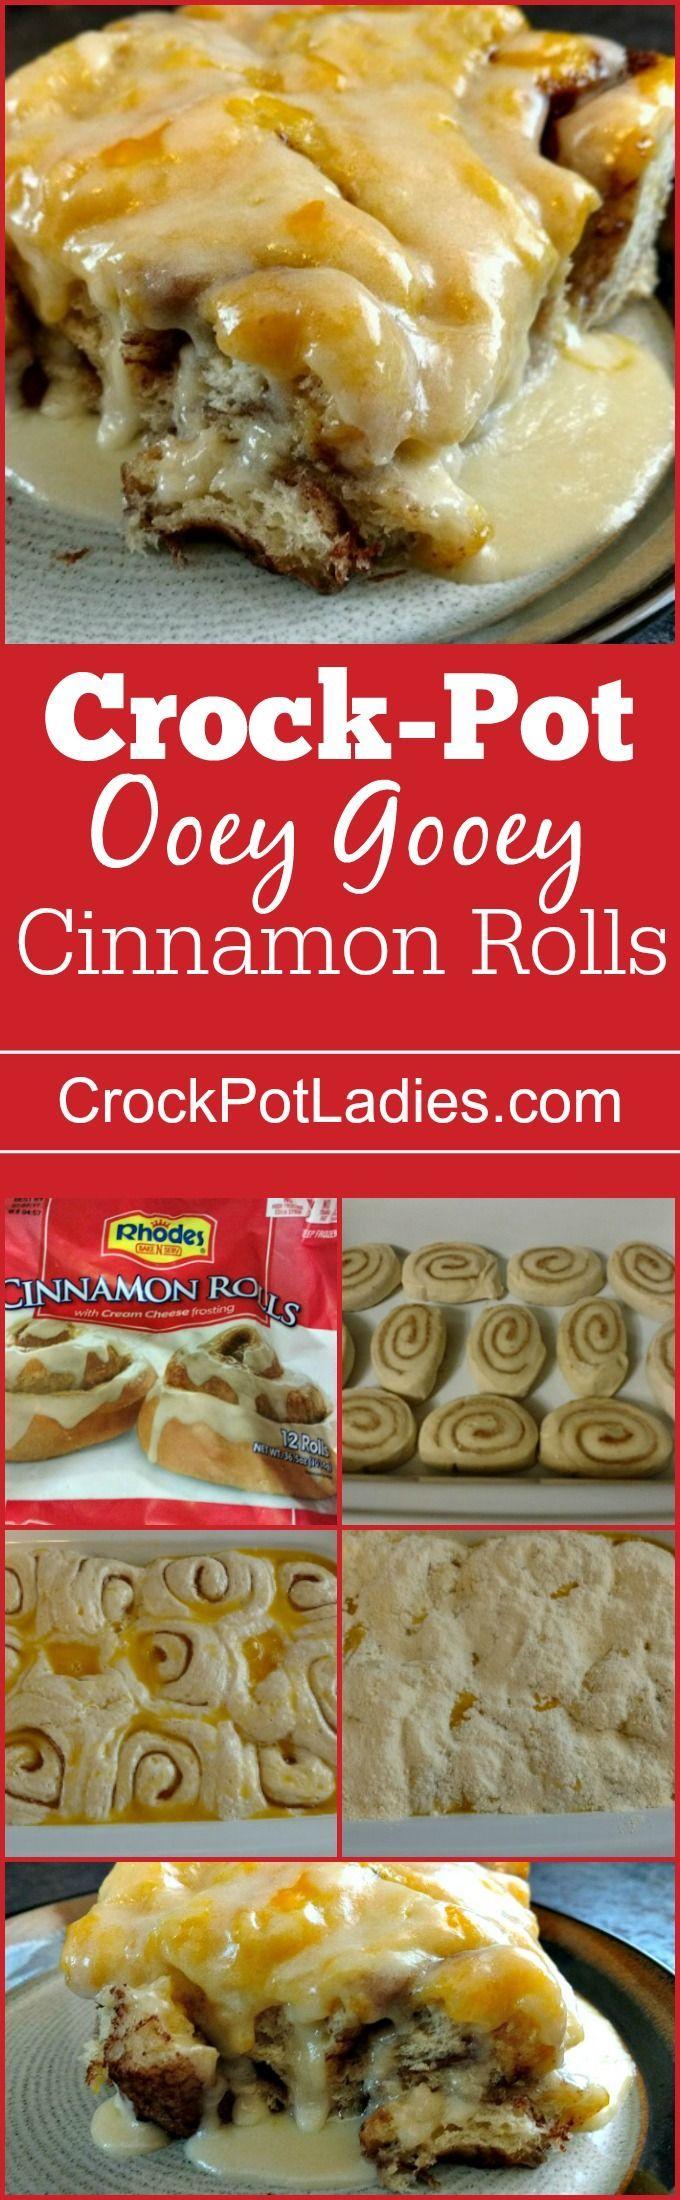 Crock-Pot Ooey Gooey Cinnamon Rolls + Video - Crock-Pot Ladies